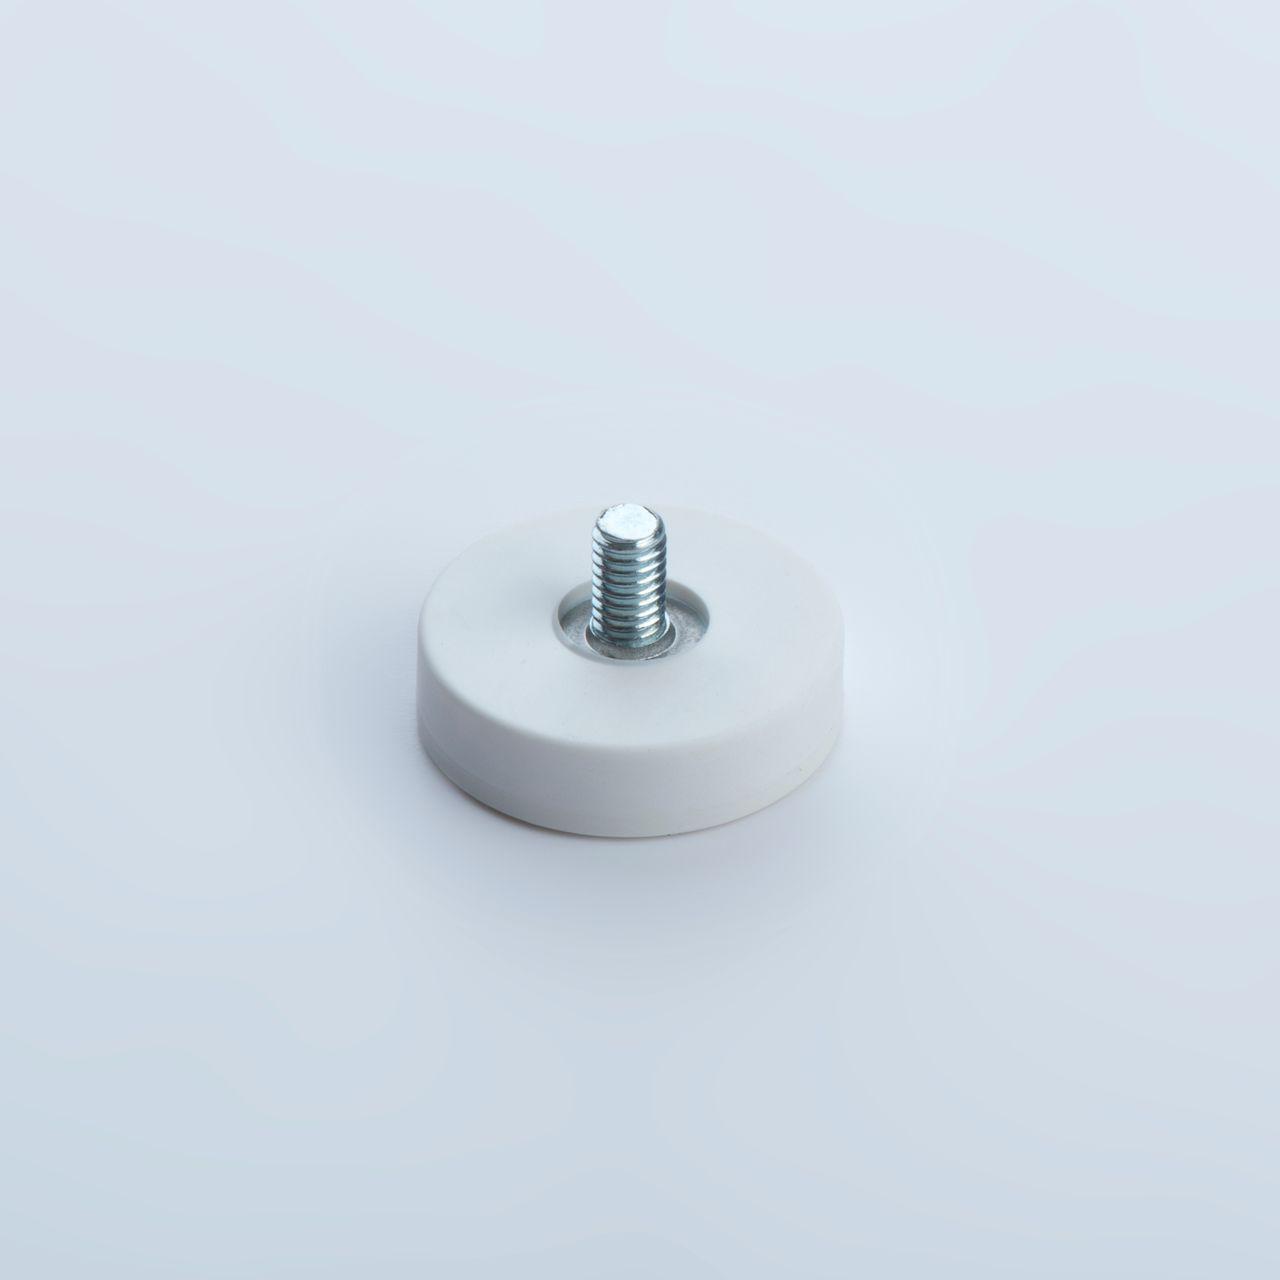 Flachgreifer aus Neodym mit Außengewinde, weiß gummiert, thyssenkrupp Magnettechnik